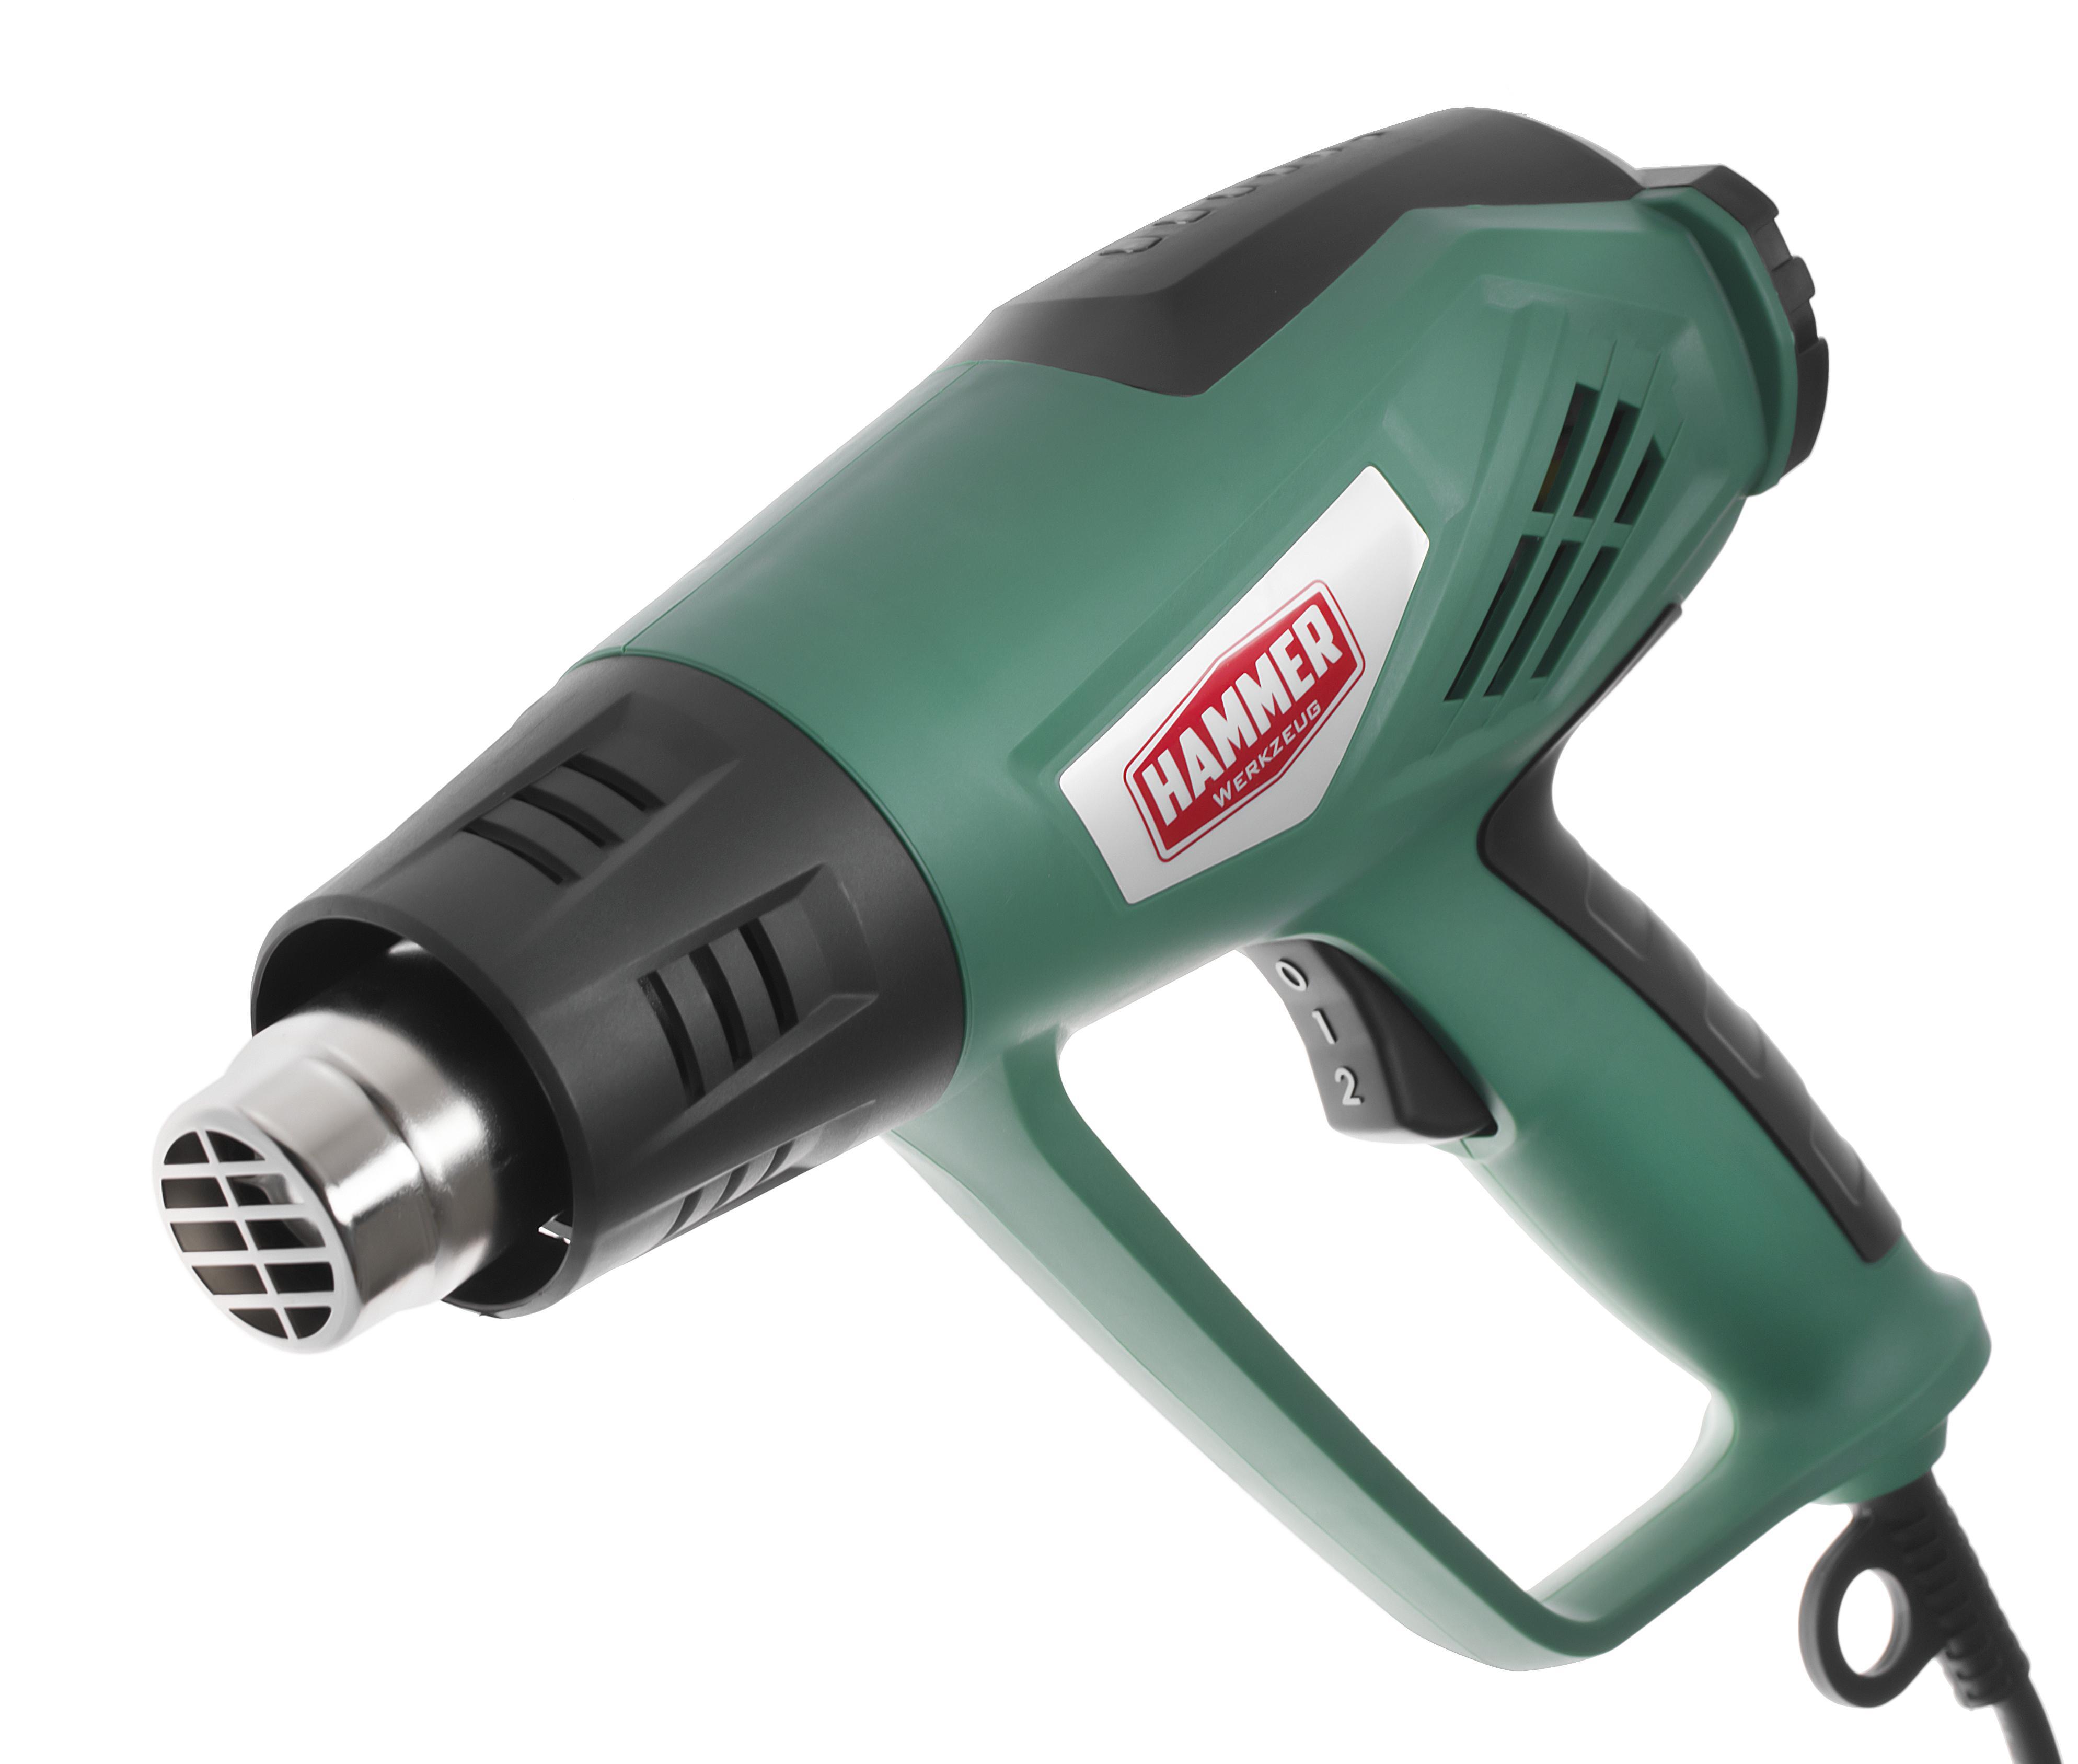 Фен технический Hammer Hg2020a фен технический hammer flex hg2010